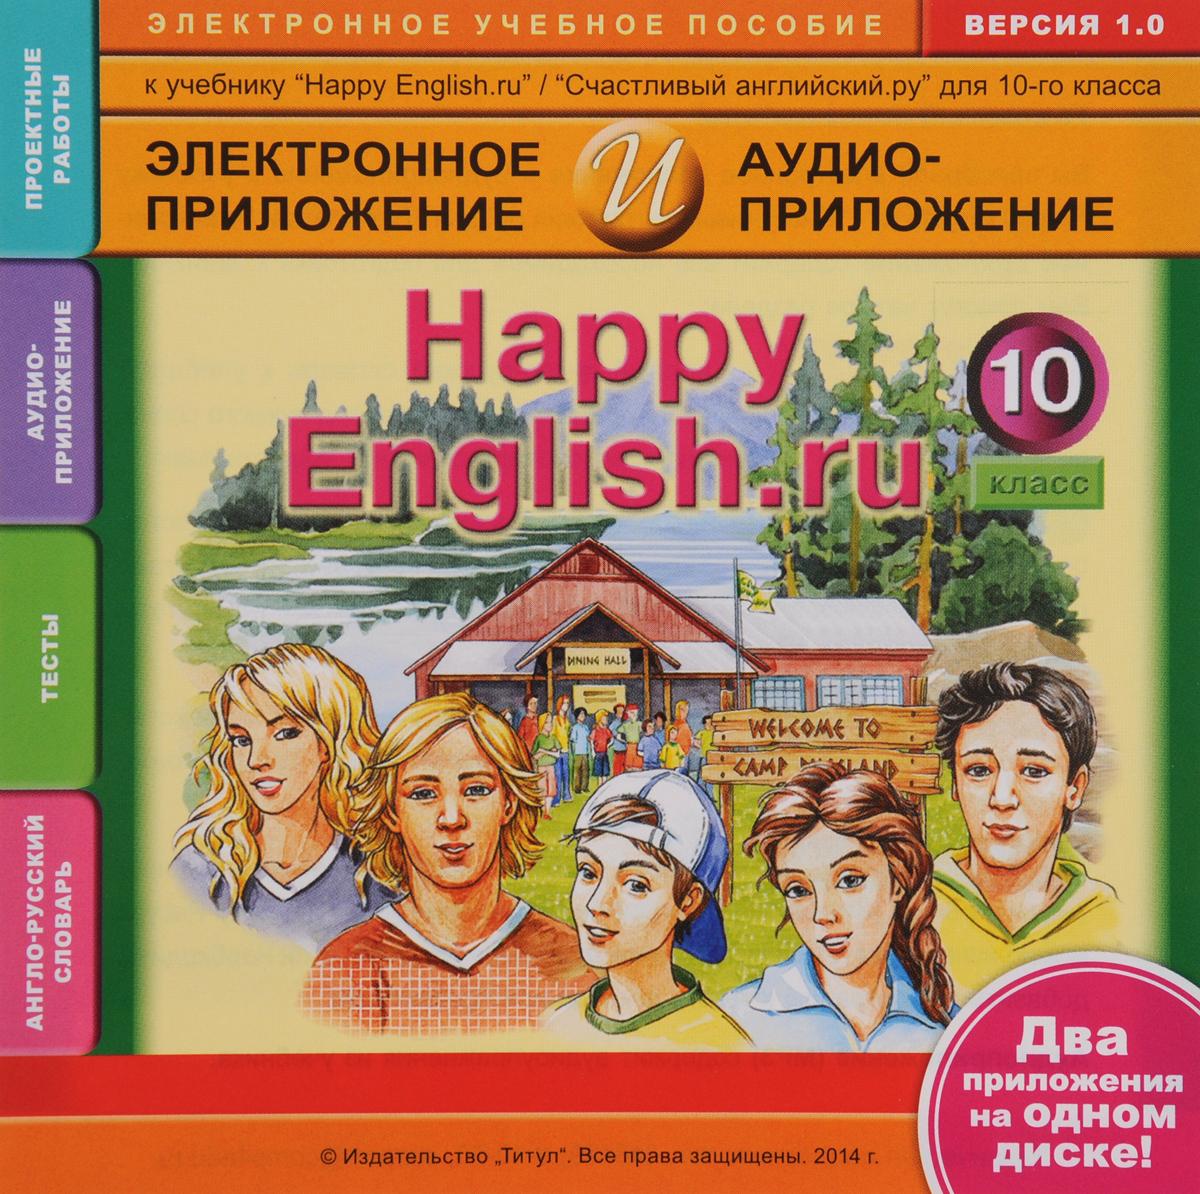 Happy English.ru 10 / Счастливый английский.ру. Английский язык. 10 класс. Электронное учебное пособие + аудиоприложение